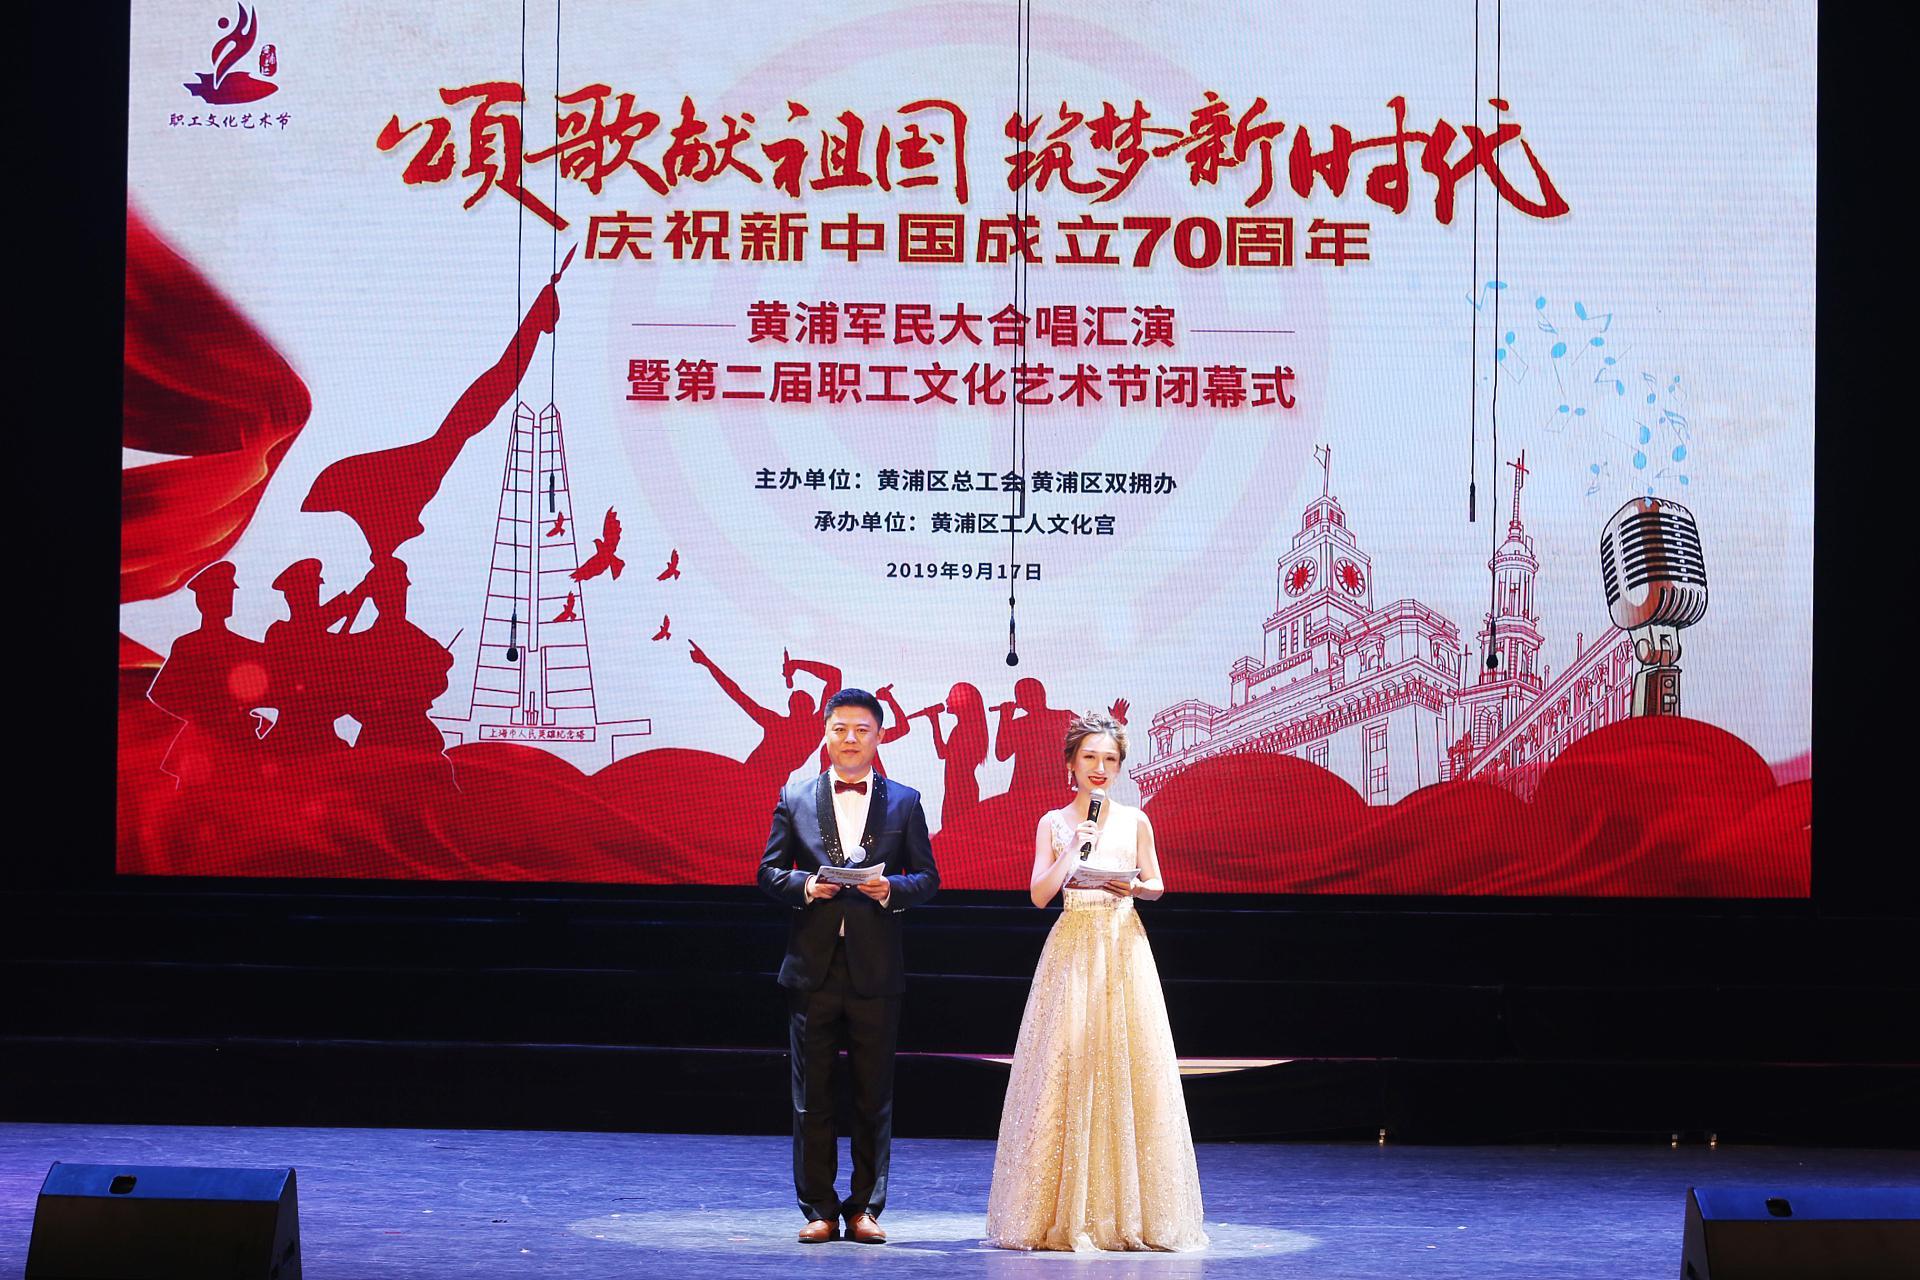 喜迎新中国70岁生日 黄浦区举行军民大合唱汇演